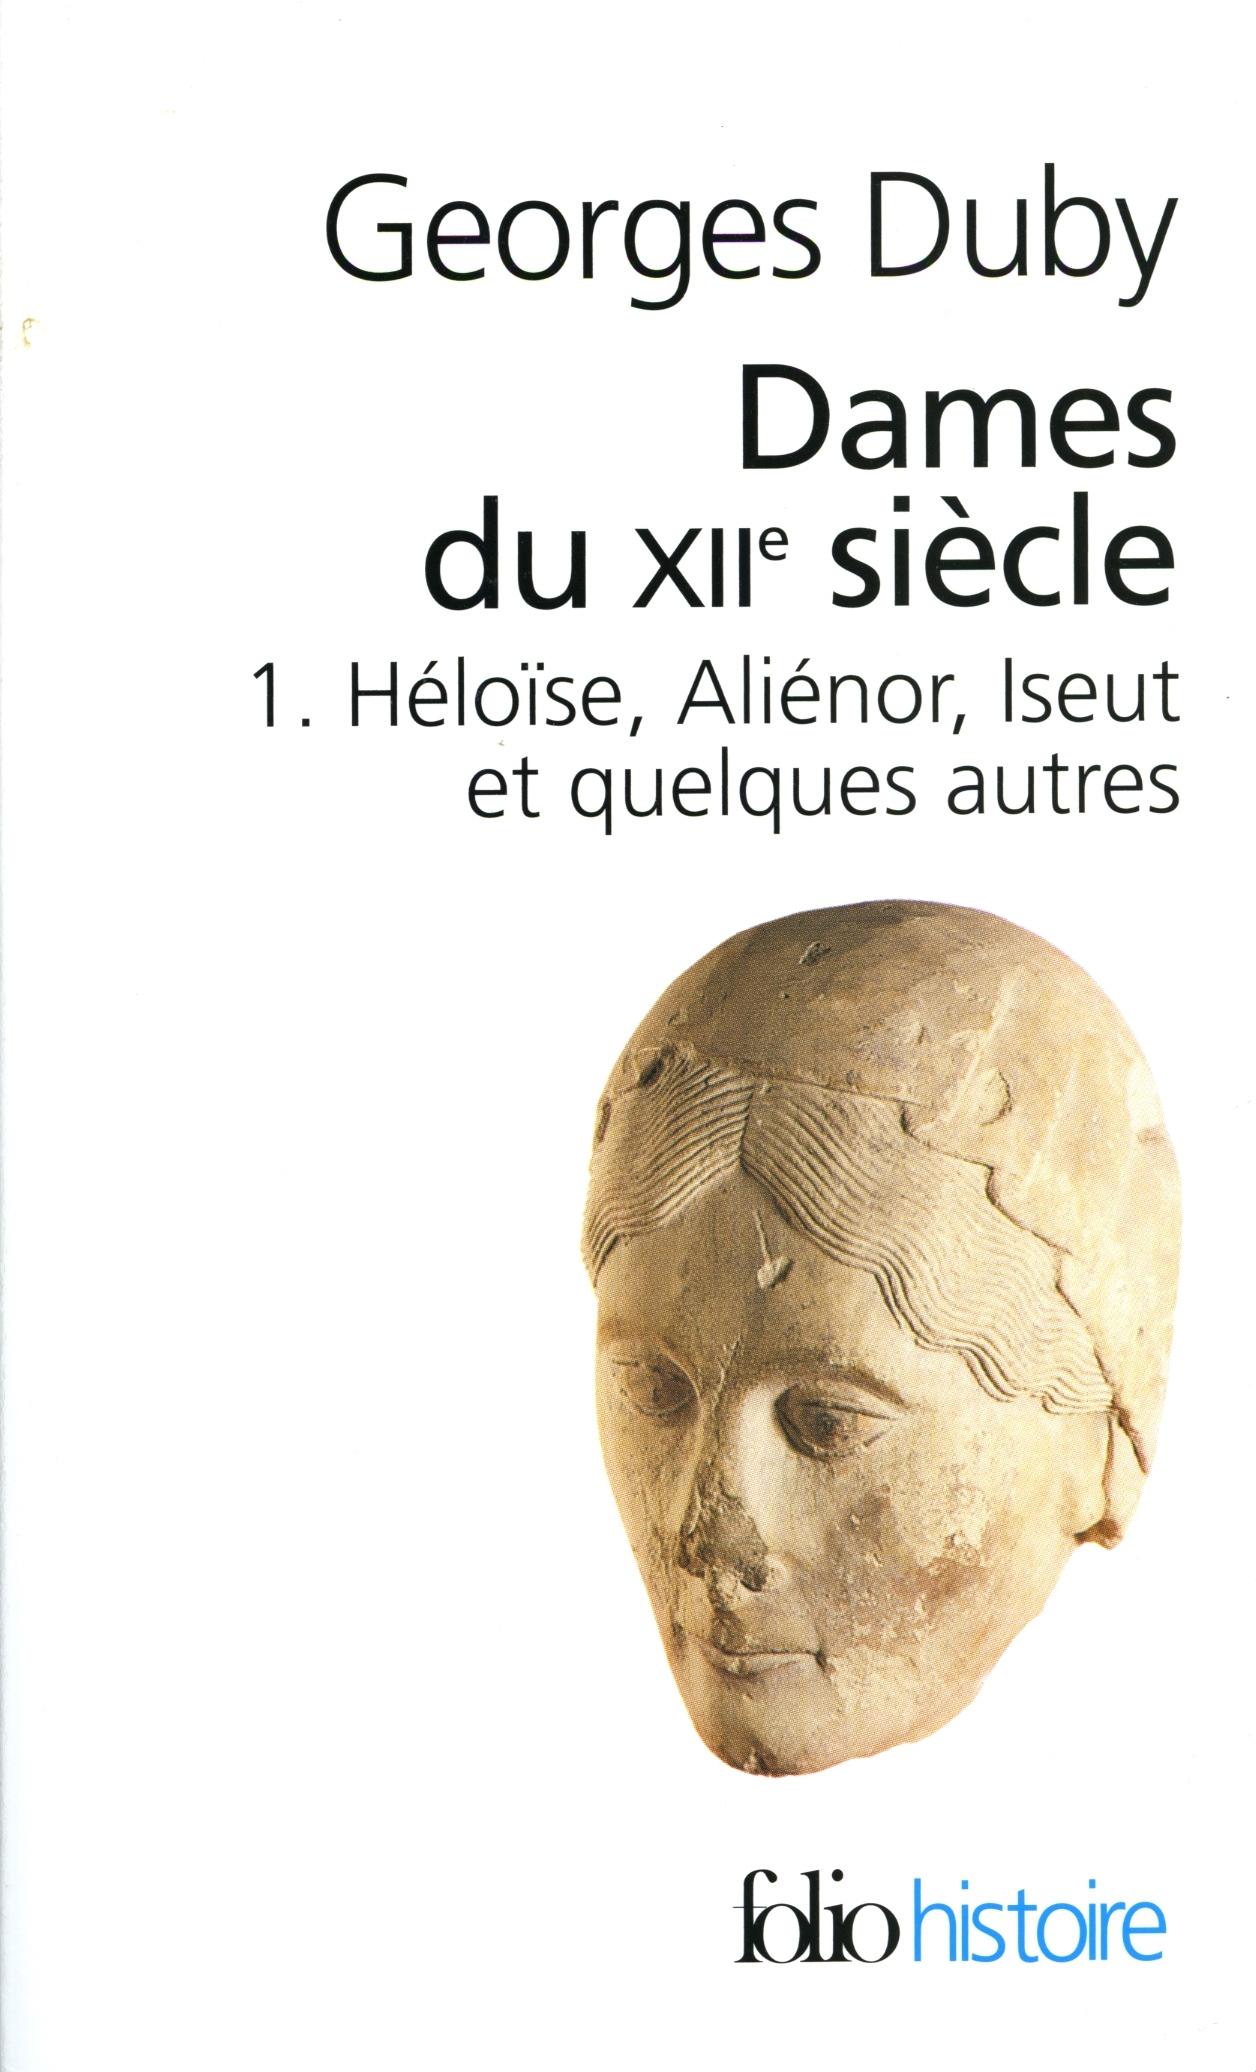 Dames du XIIe siècle (Tome 1) - Héloïse, Aliénor, Iseut et quelques autres